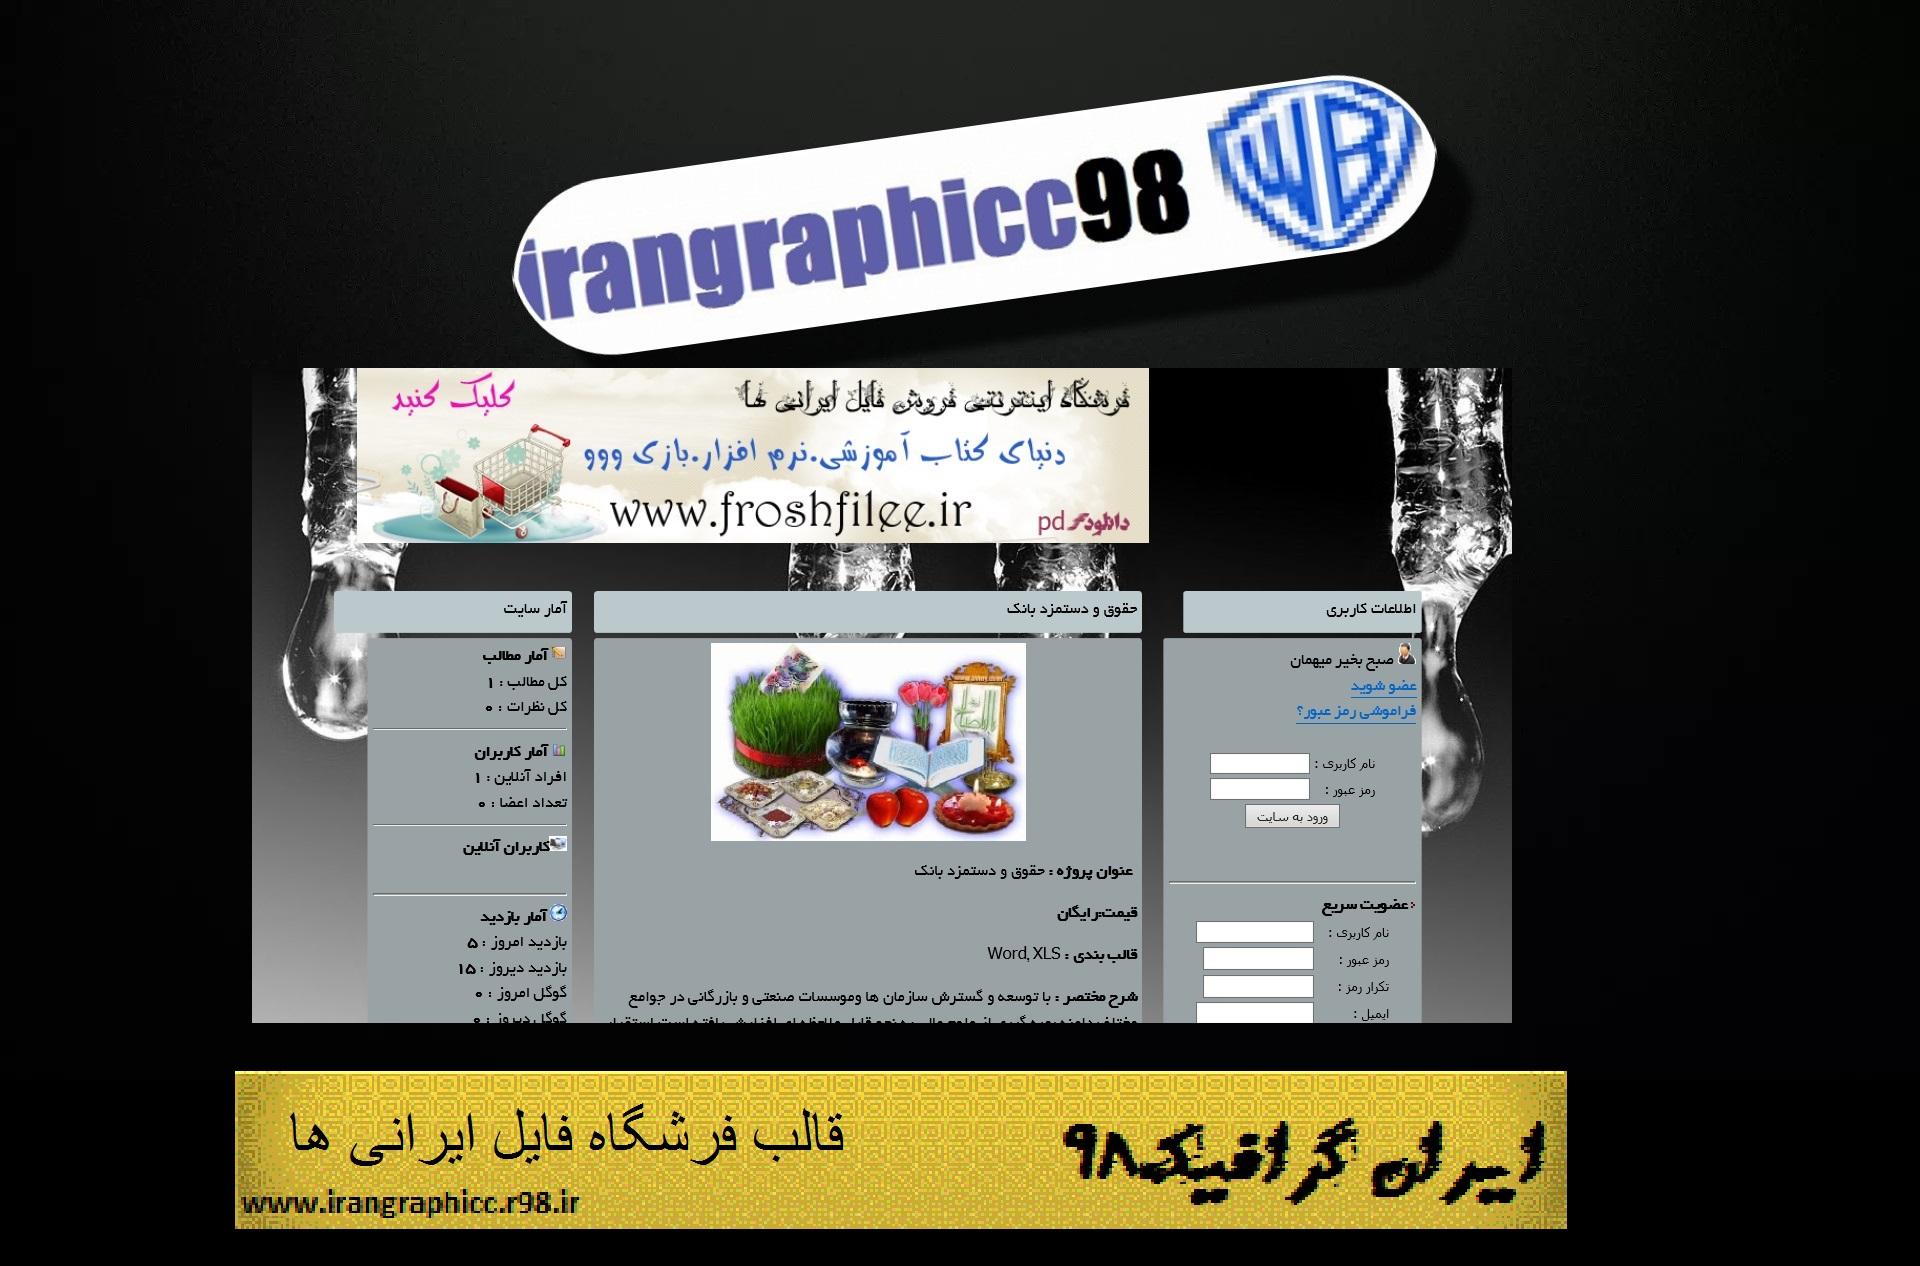 کد قالب فروشگاه اینترنتی فروش فایل ایرانی ها-رزبلاگ-رازی بلاگ